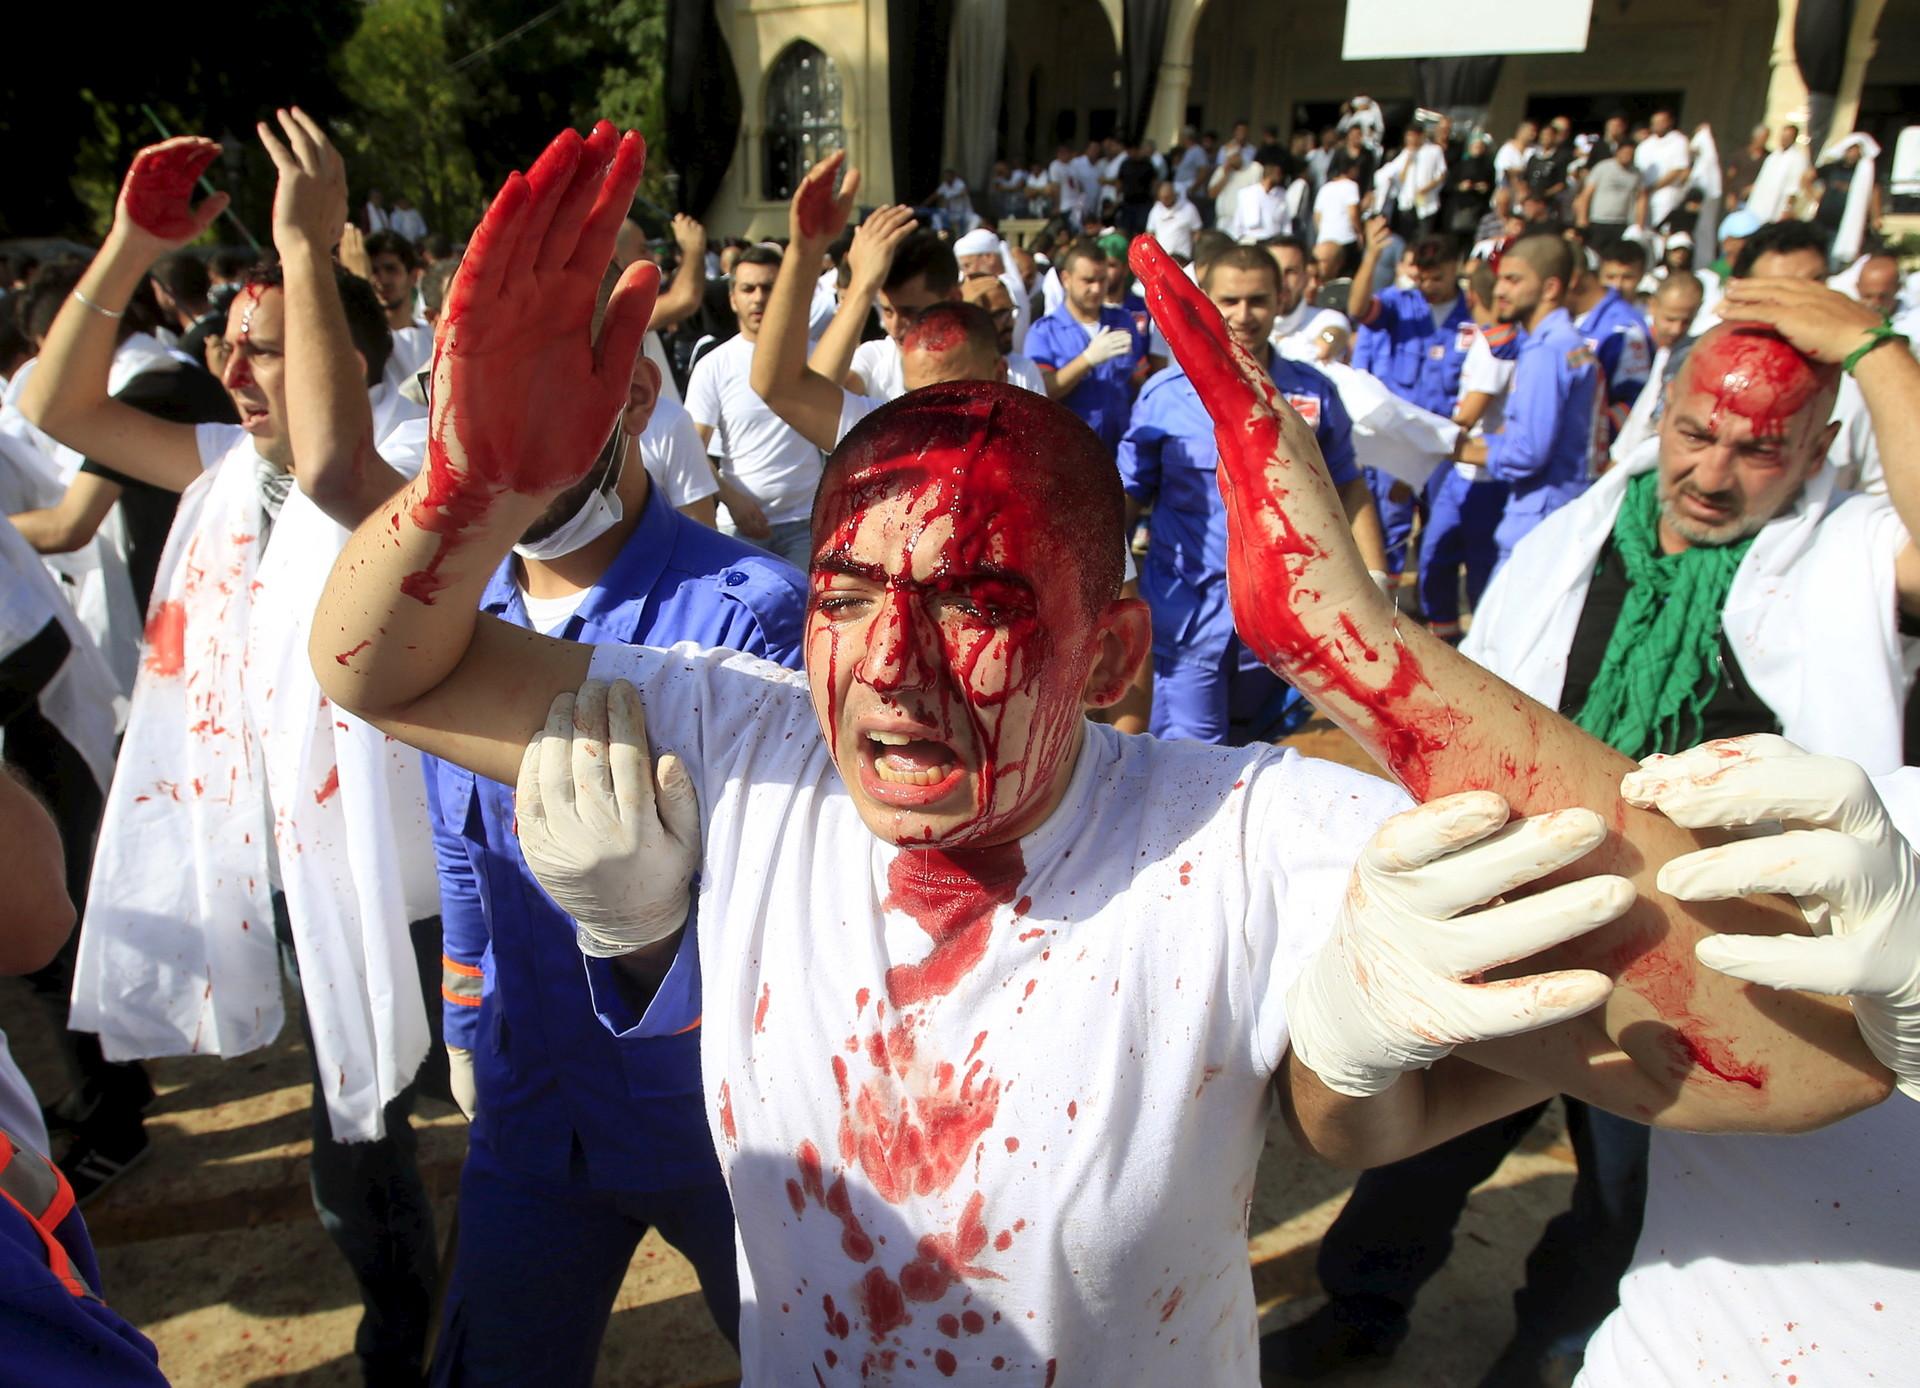 La celebración de la fiesta de la Ashura en Nabatieh, El Líbano, el 24 de octubre de 2015